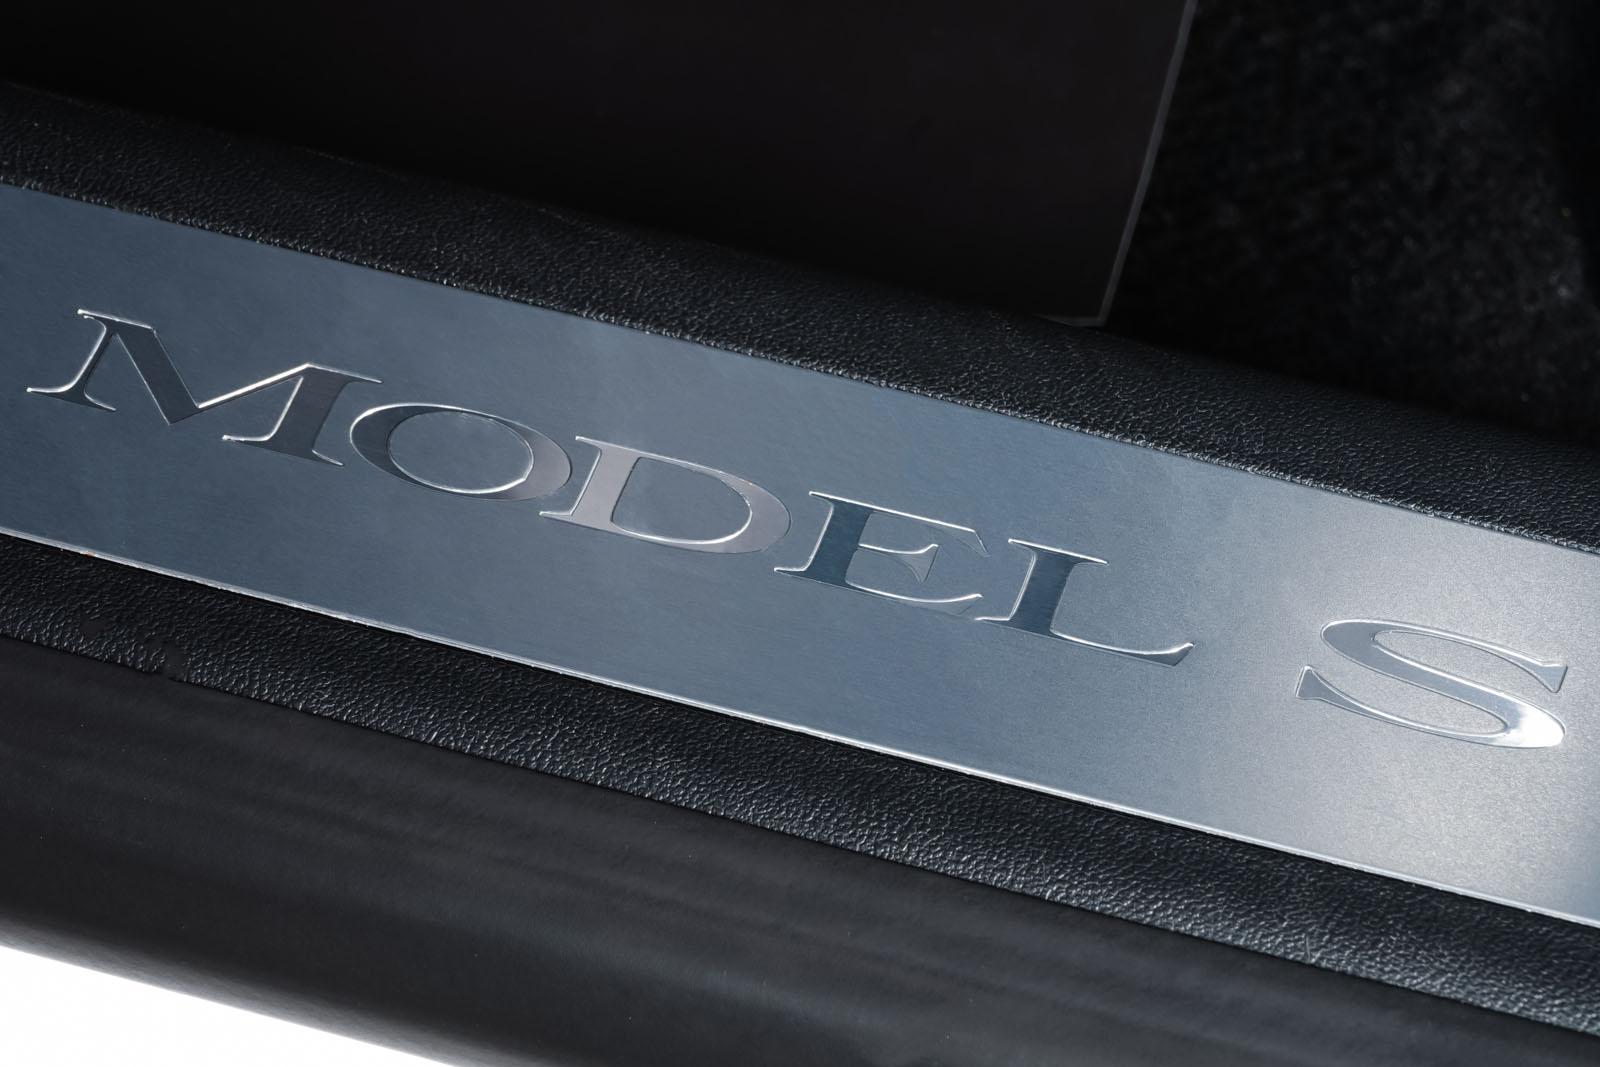 Tesla_ModelS_90D_Weiß_Schwarz_TES-0714_9_w